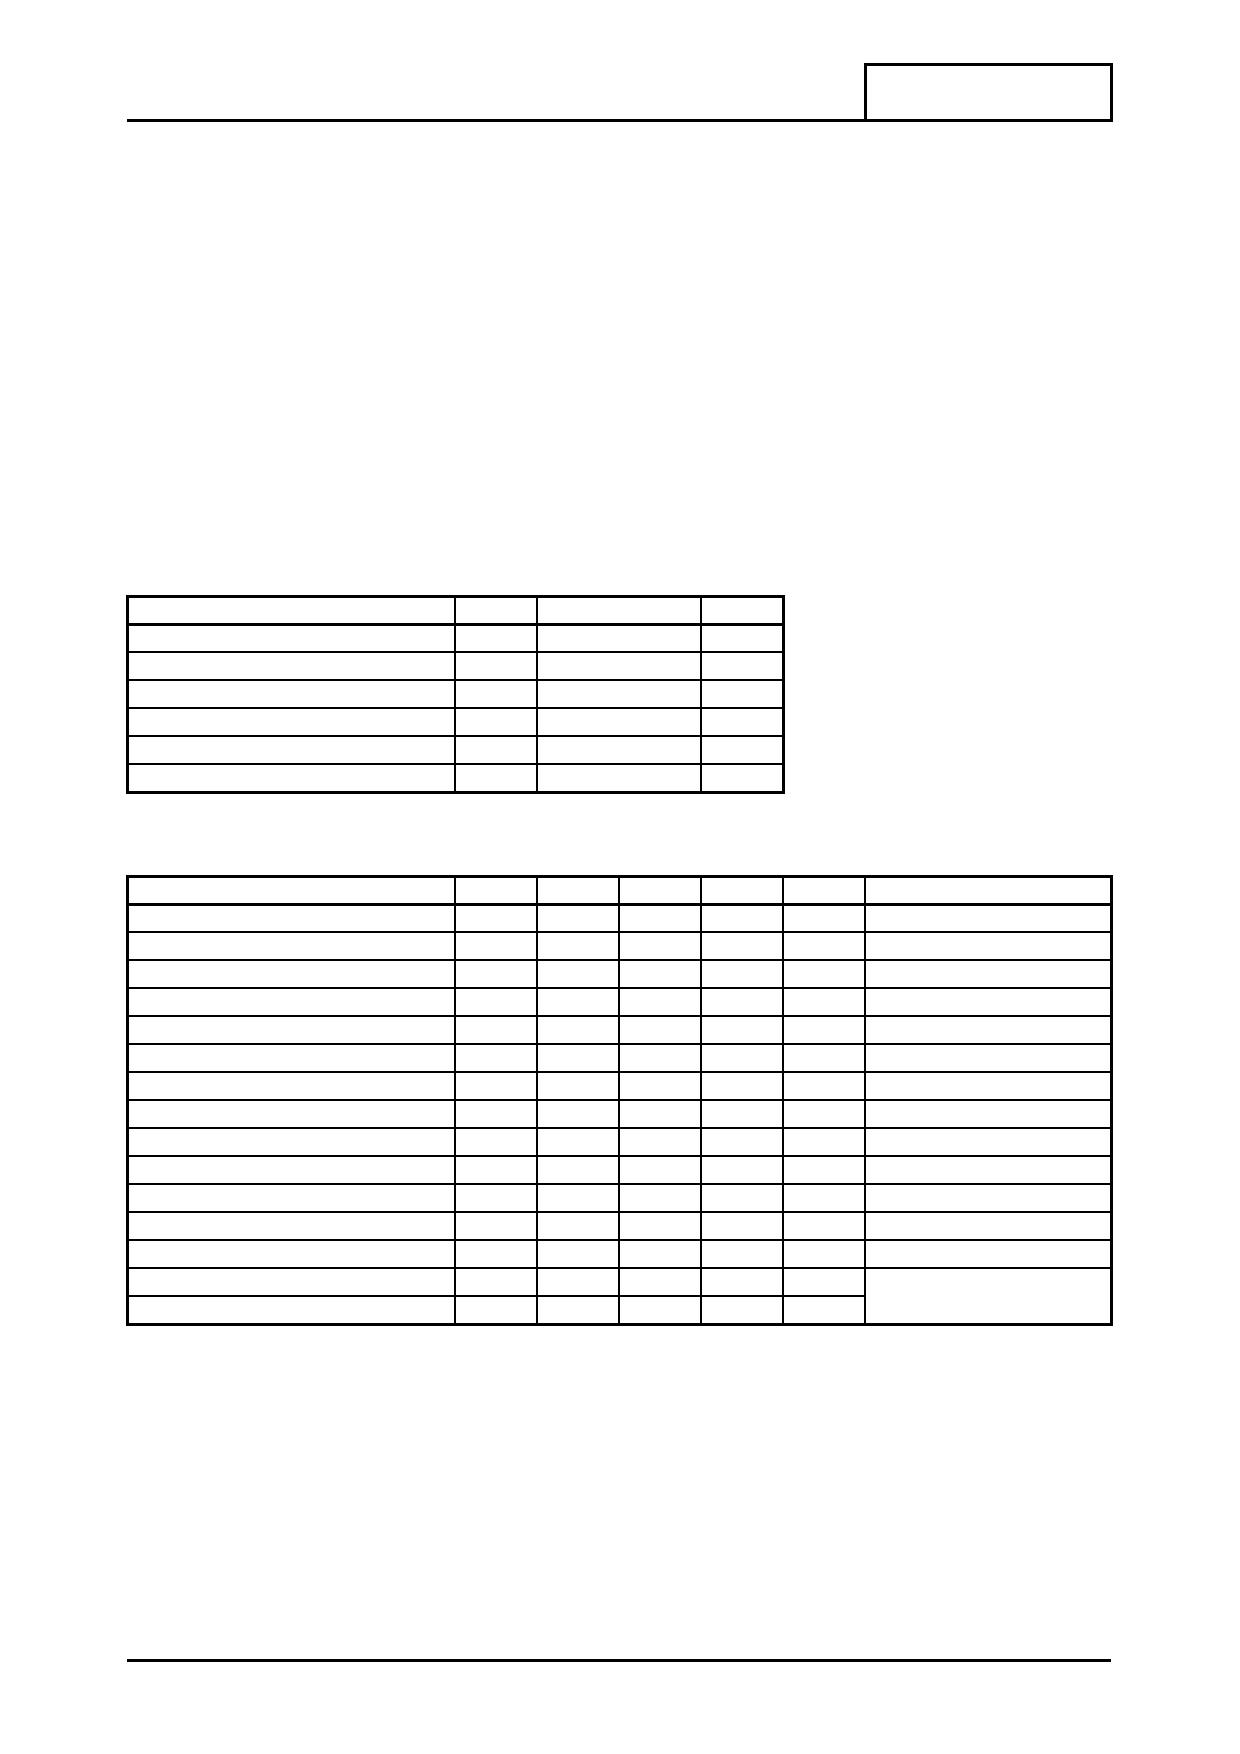 C5906 Datasheet